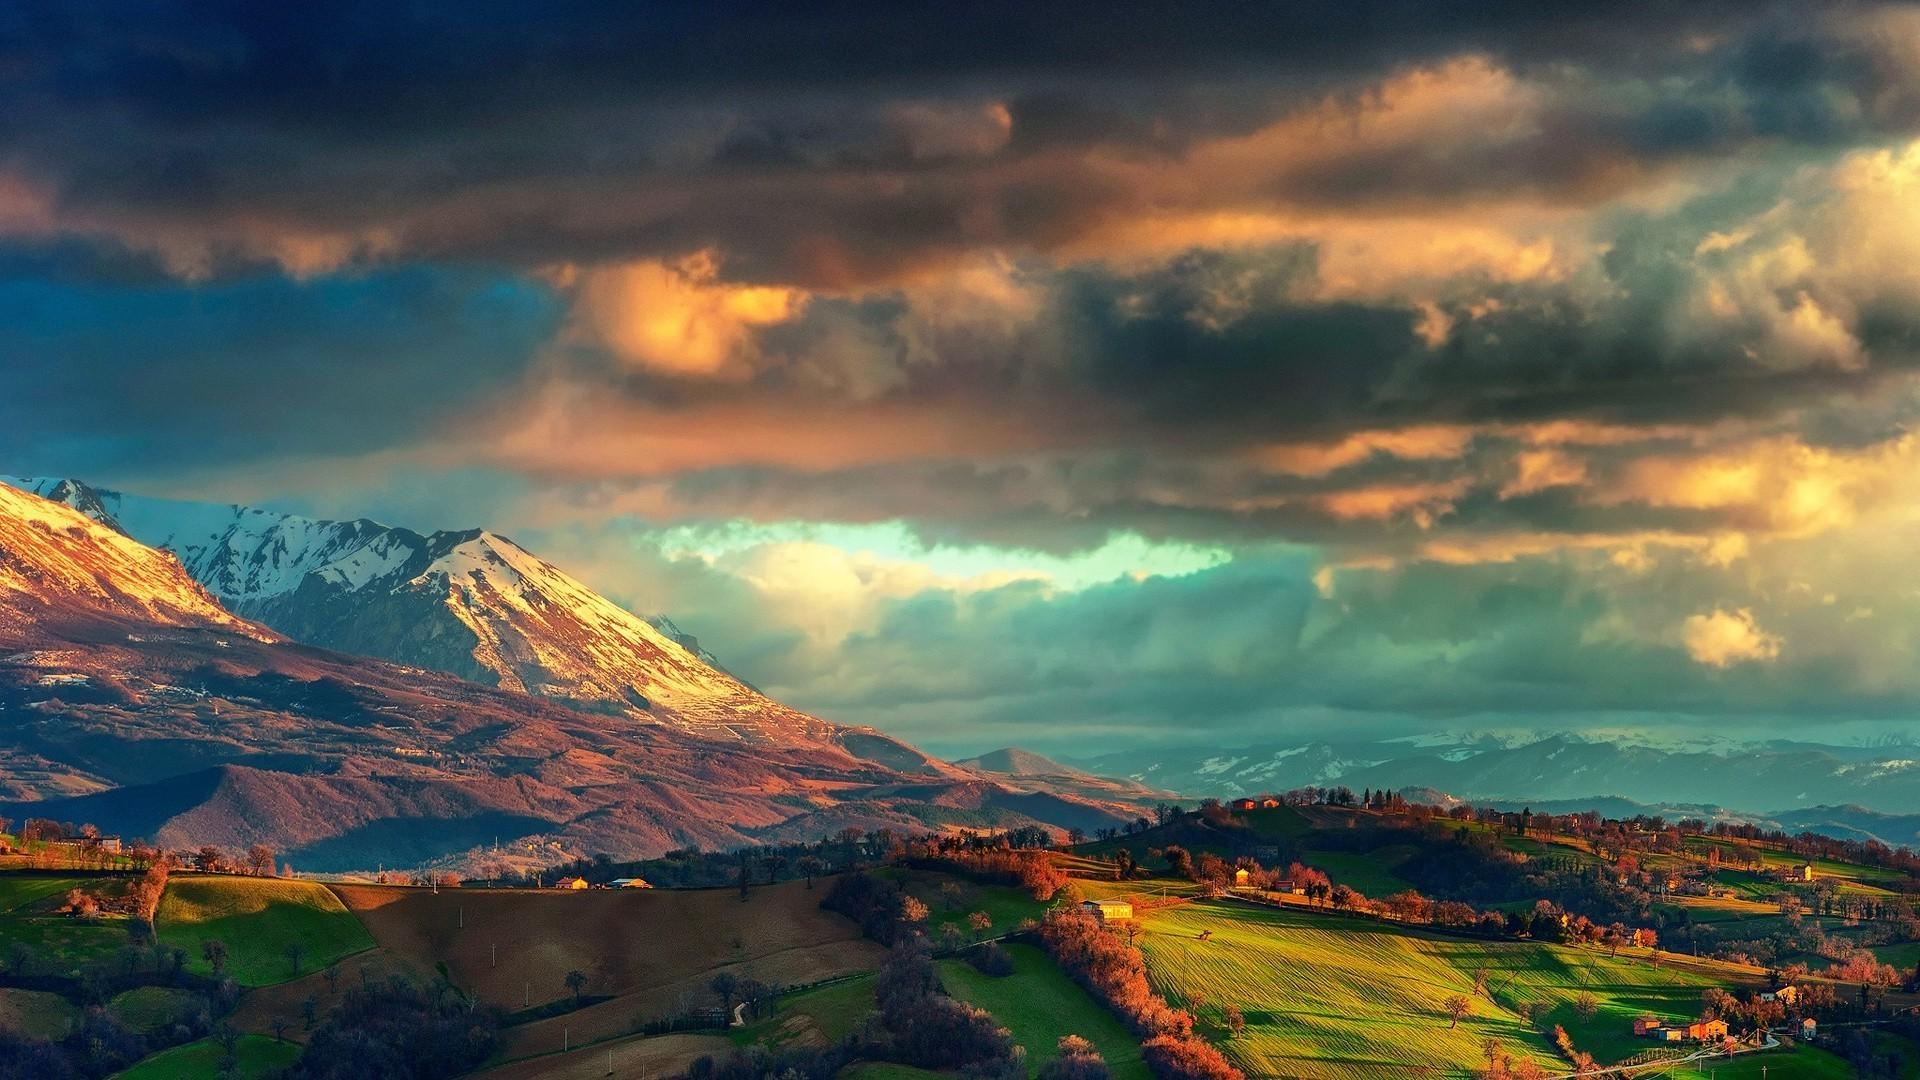 10 Best 3d Wallpaper Hd Nature Full Hd 1920 1080 For Pc: Sfondi : Natura, Paesaggio, Montagne, Nuvole, Italia, Alpi